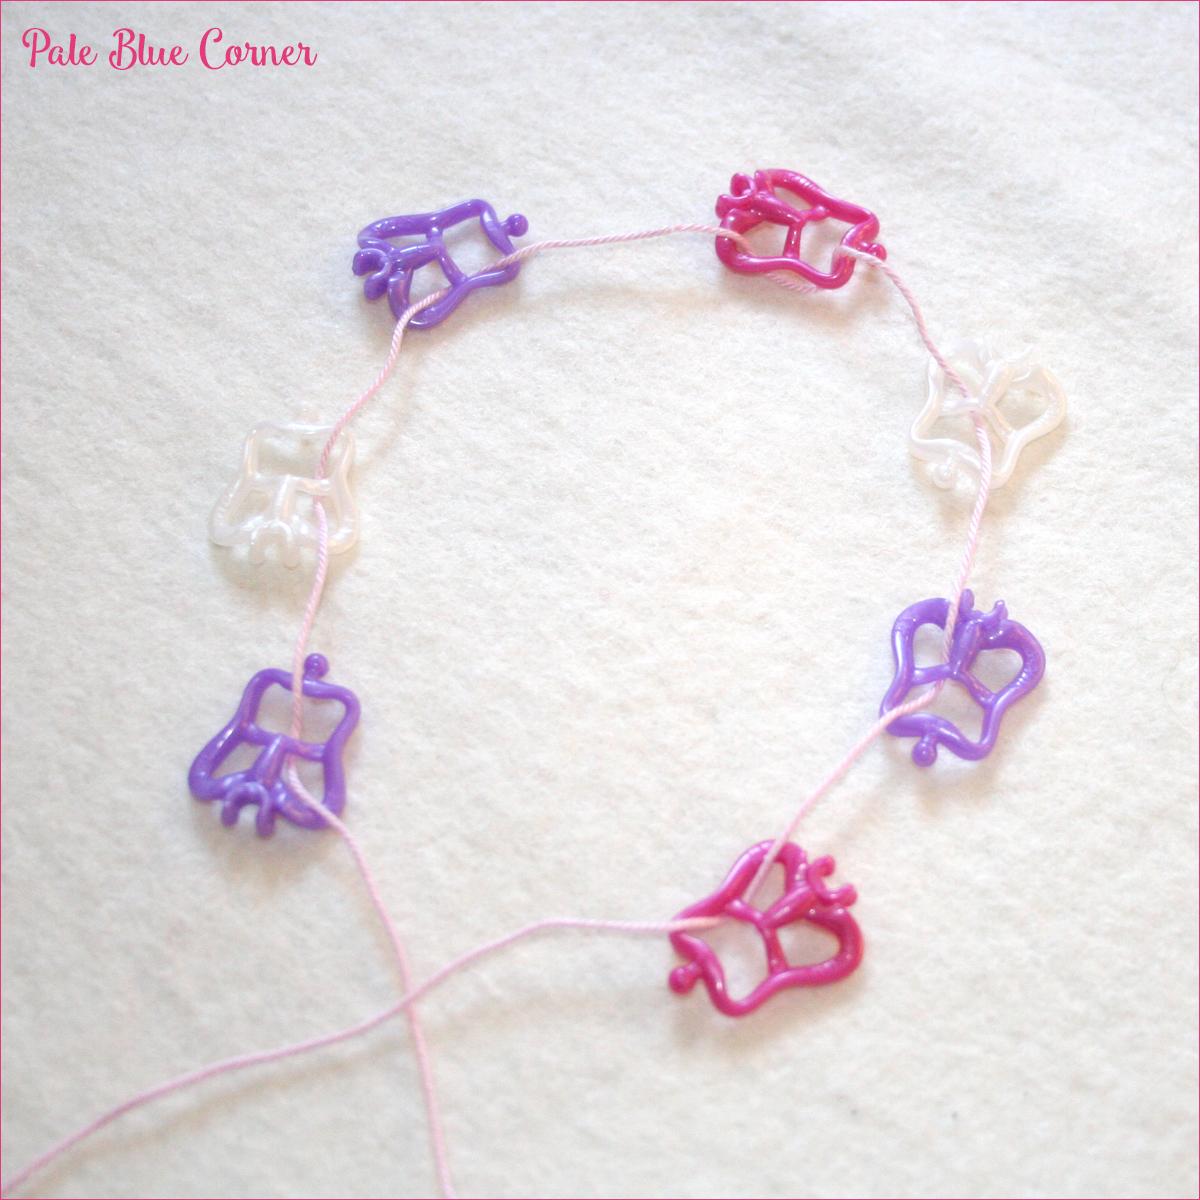 Pale Blue Corner Crochet Bracelet With Butterflies